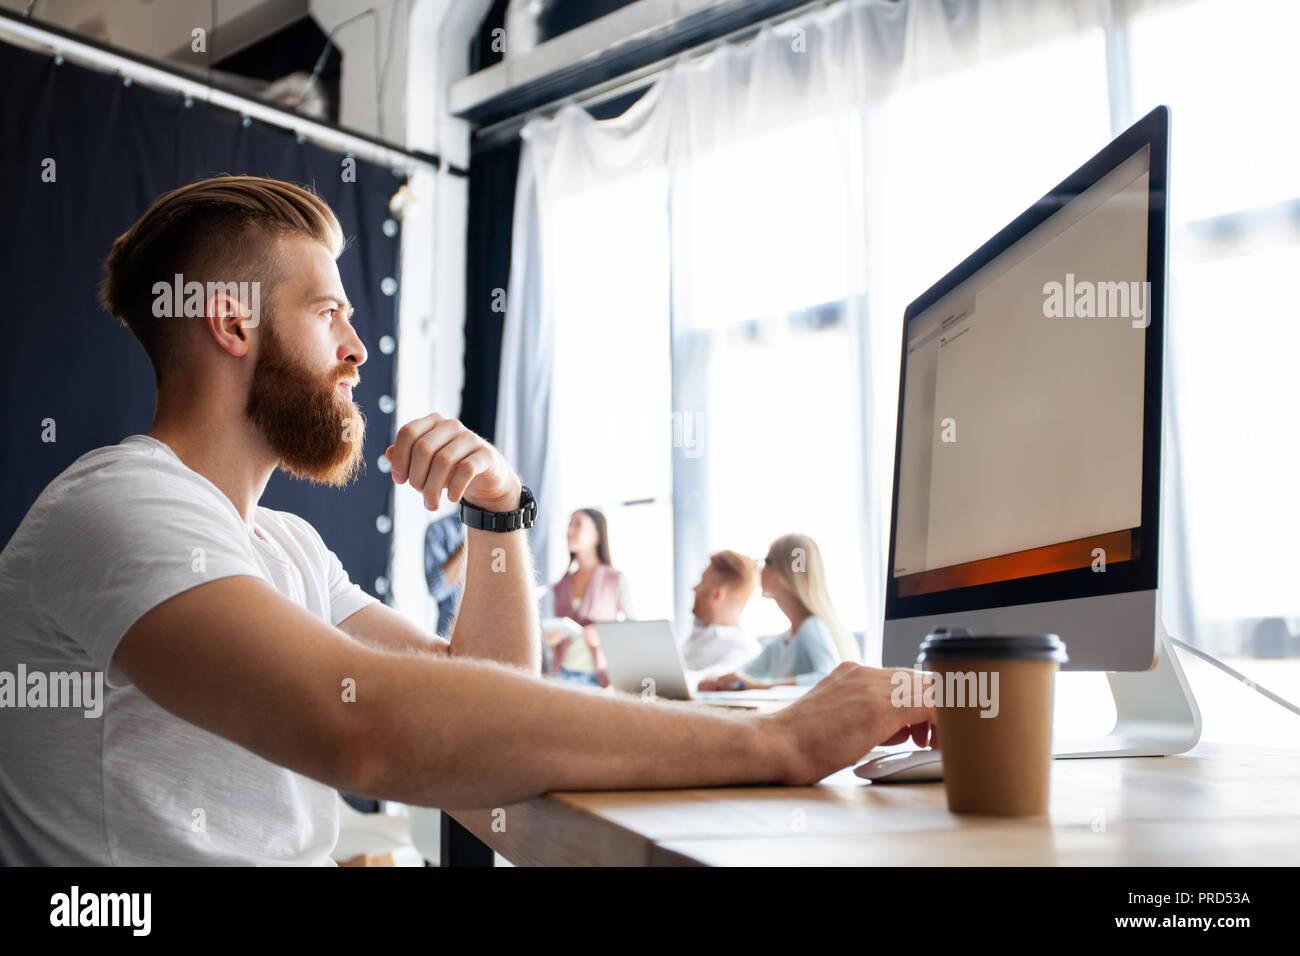 Bureau de création. Les jeunes collègues moderne dans smart casual wear travailler tout en passant du temps au bureau. Photo Stock